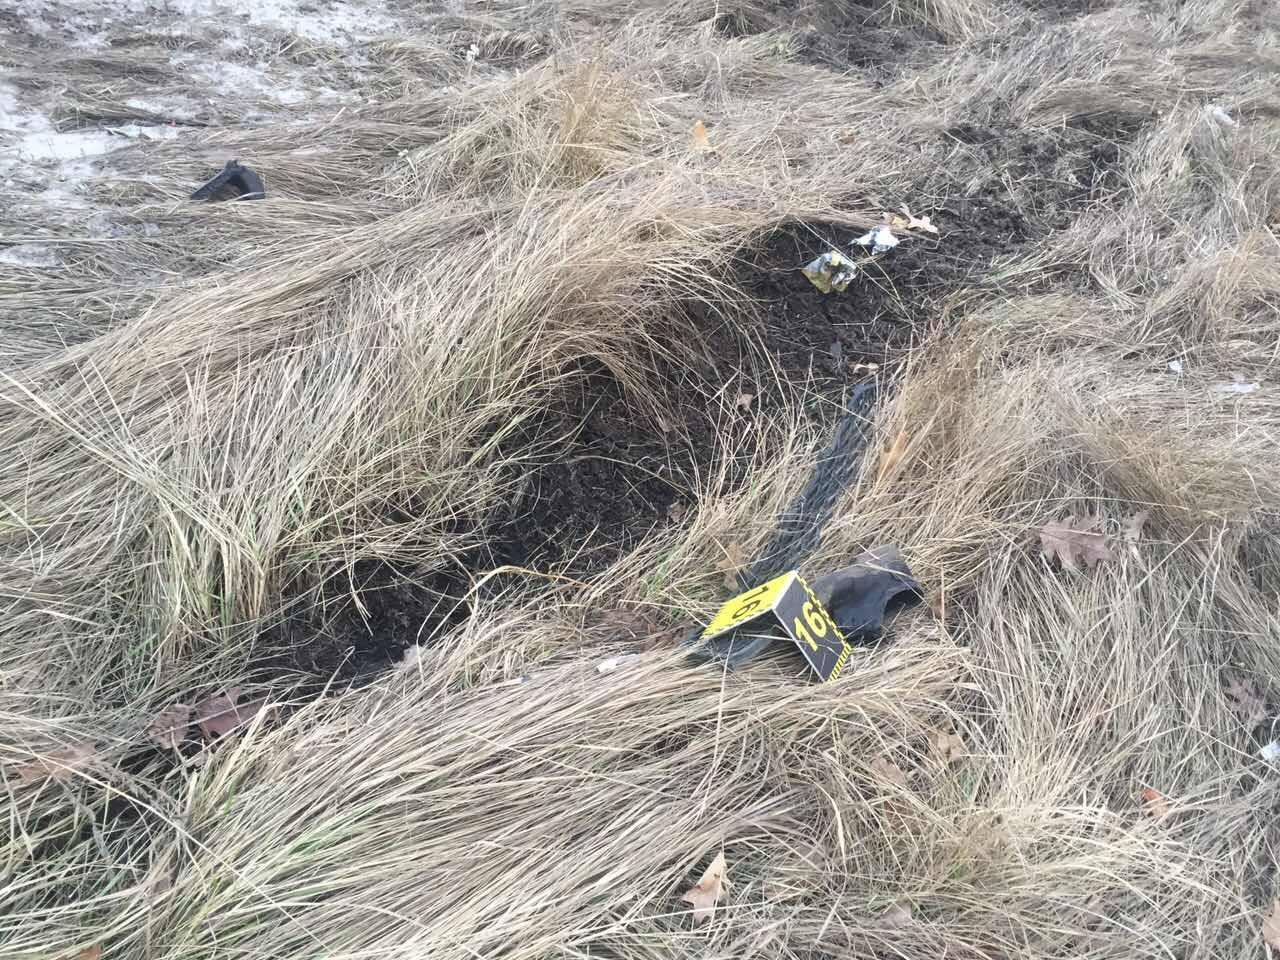 У Києві Lexus зніс зупинку: пішохід загинув на місці (ФОТО 18+) - фото 1